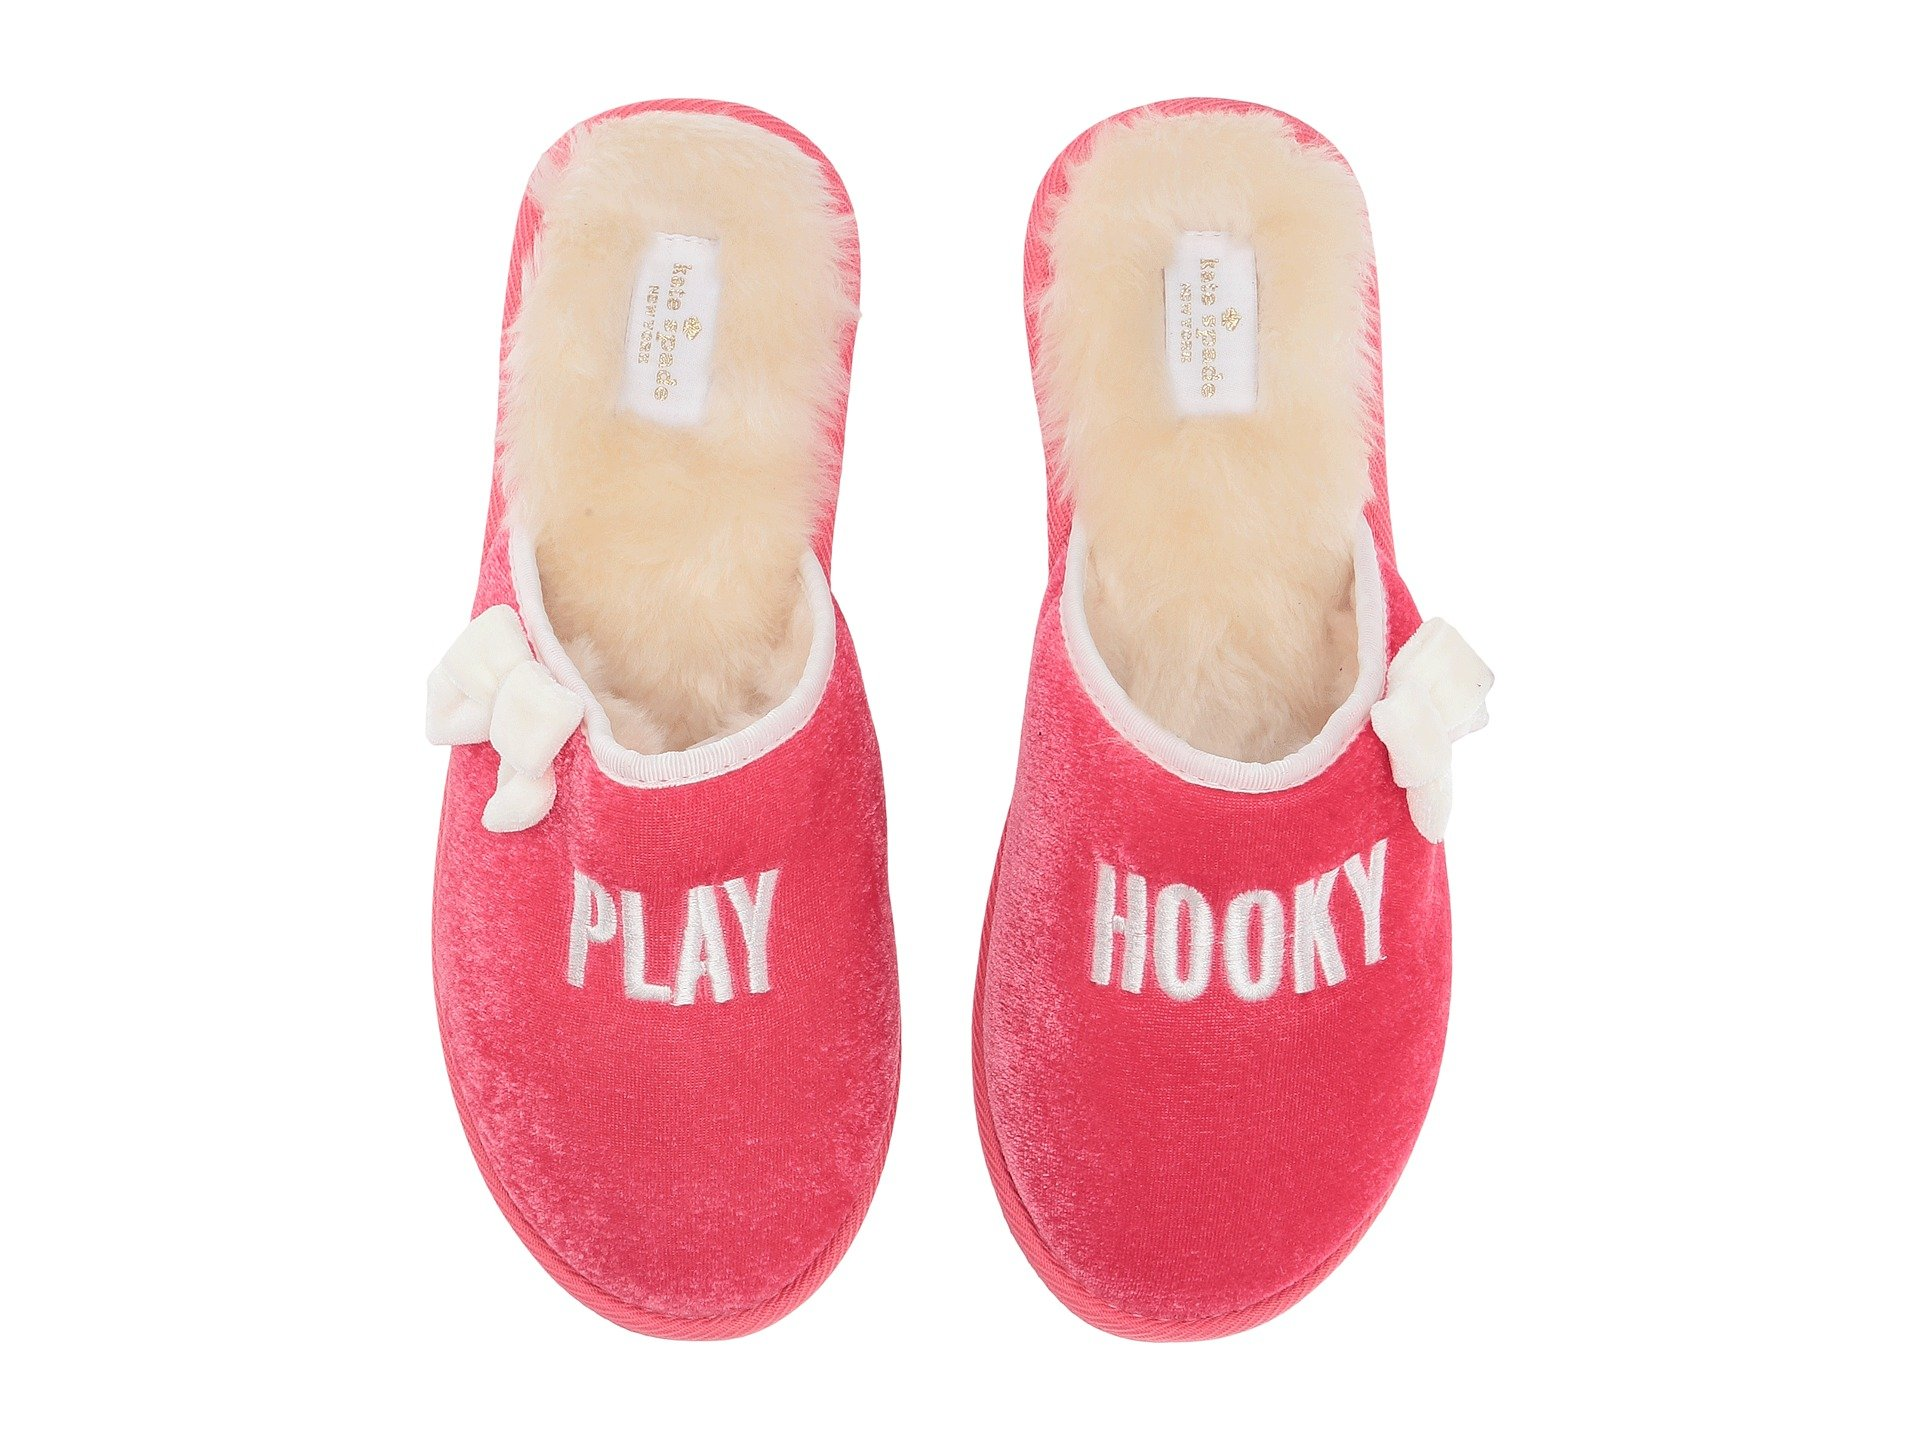 Berry, Deep Carnation Velvet/Play Hooky